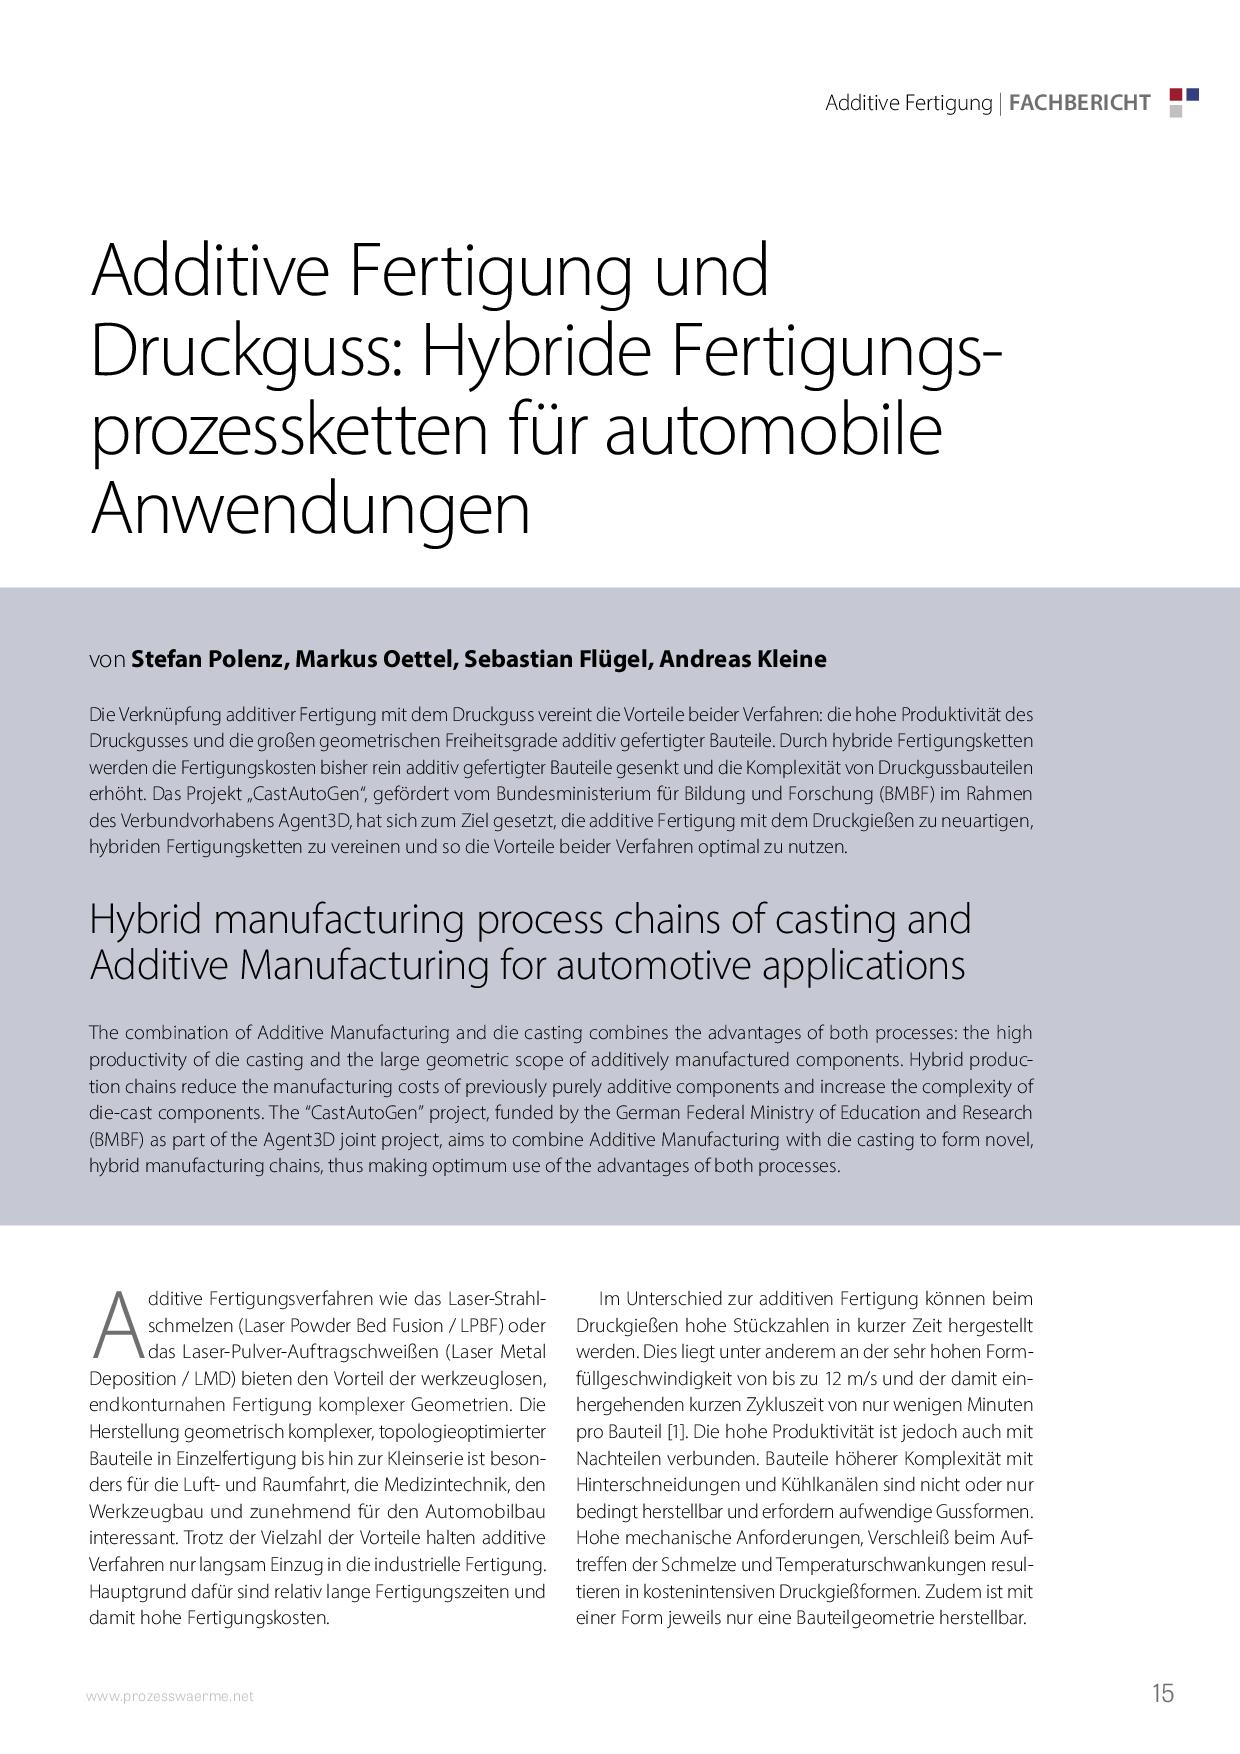 Additive Fertigung und Druckguss: Hybride Fertigungsprozessketten für automobile Anwendungen